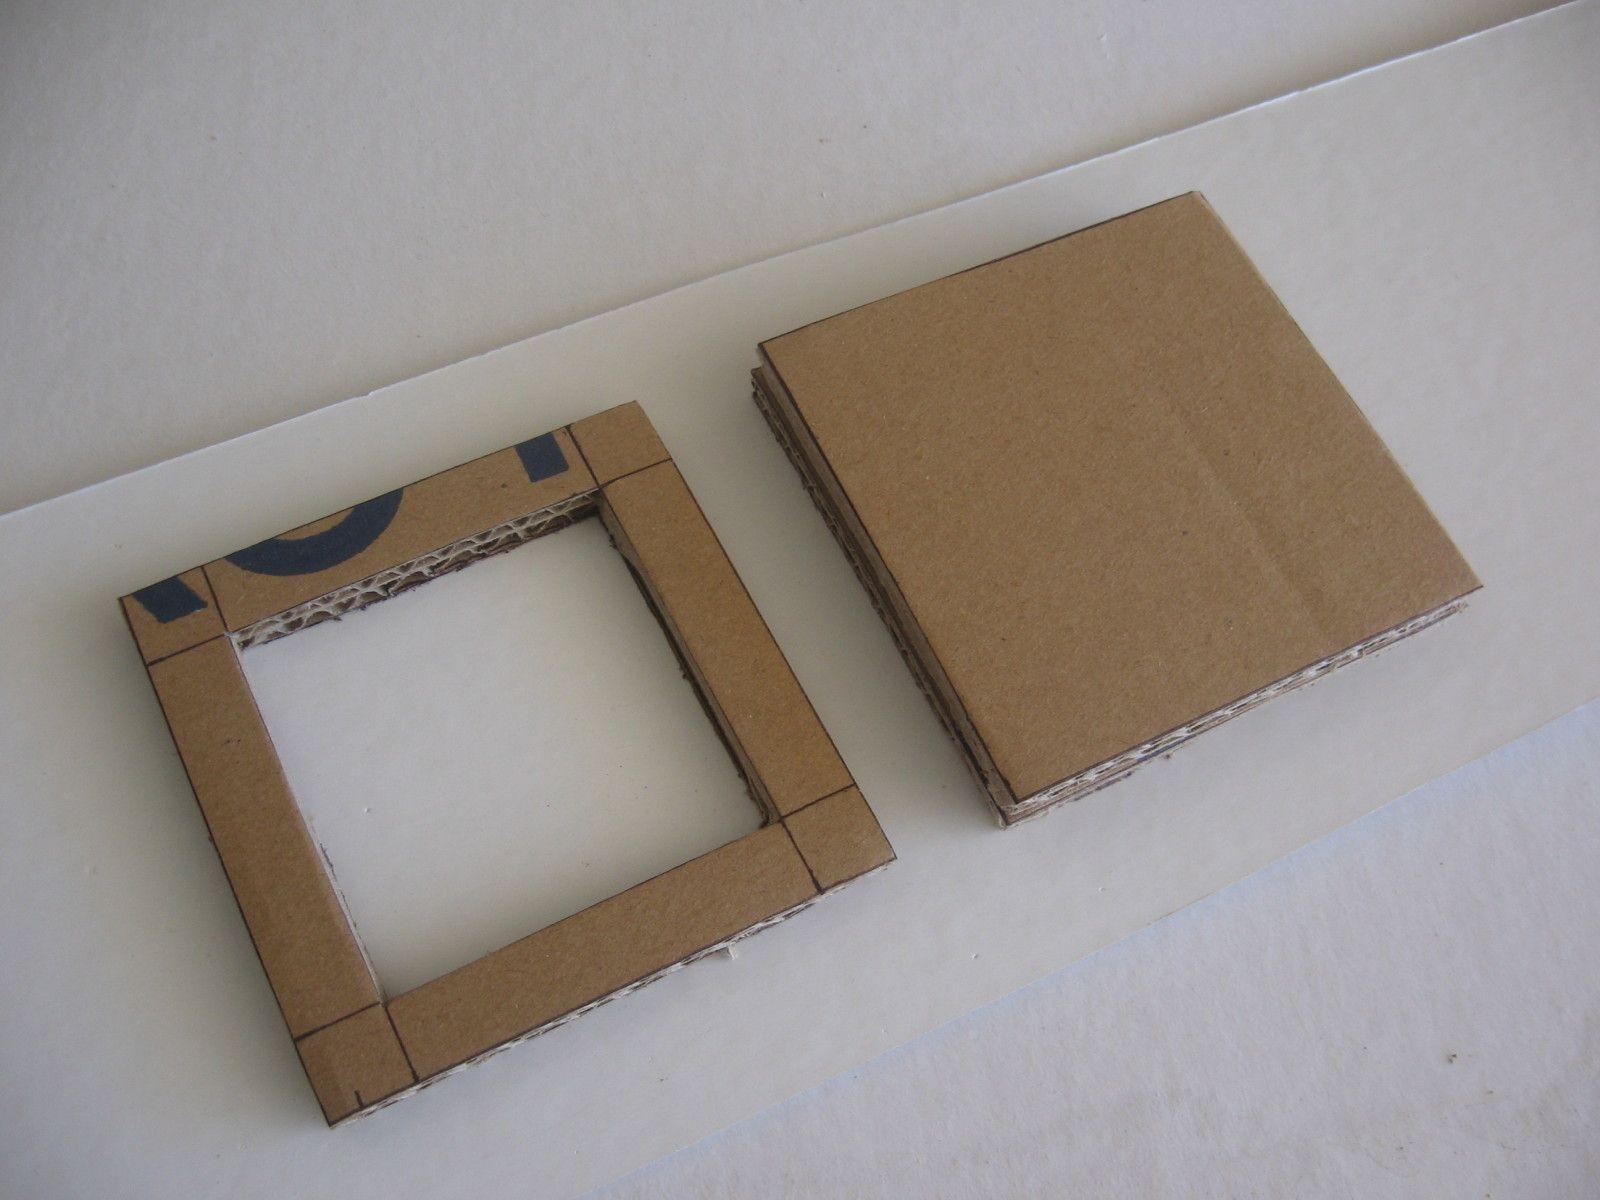 comment cr er un meuble en carton tape par tape. Black Bedroom Furniture Sets. Home Design Ideas